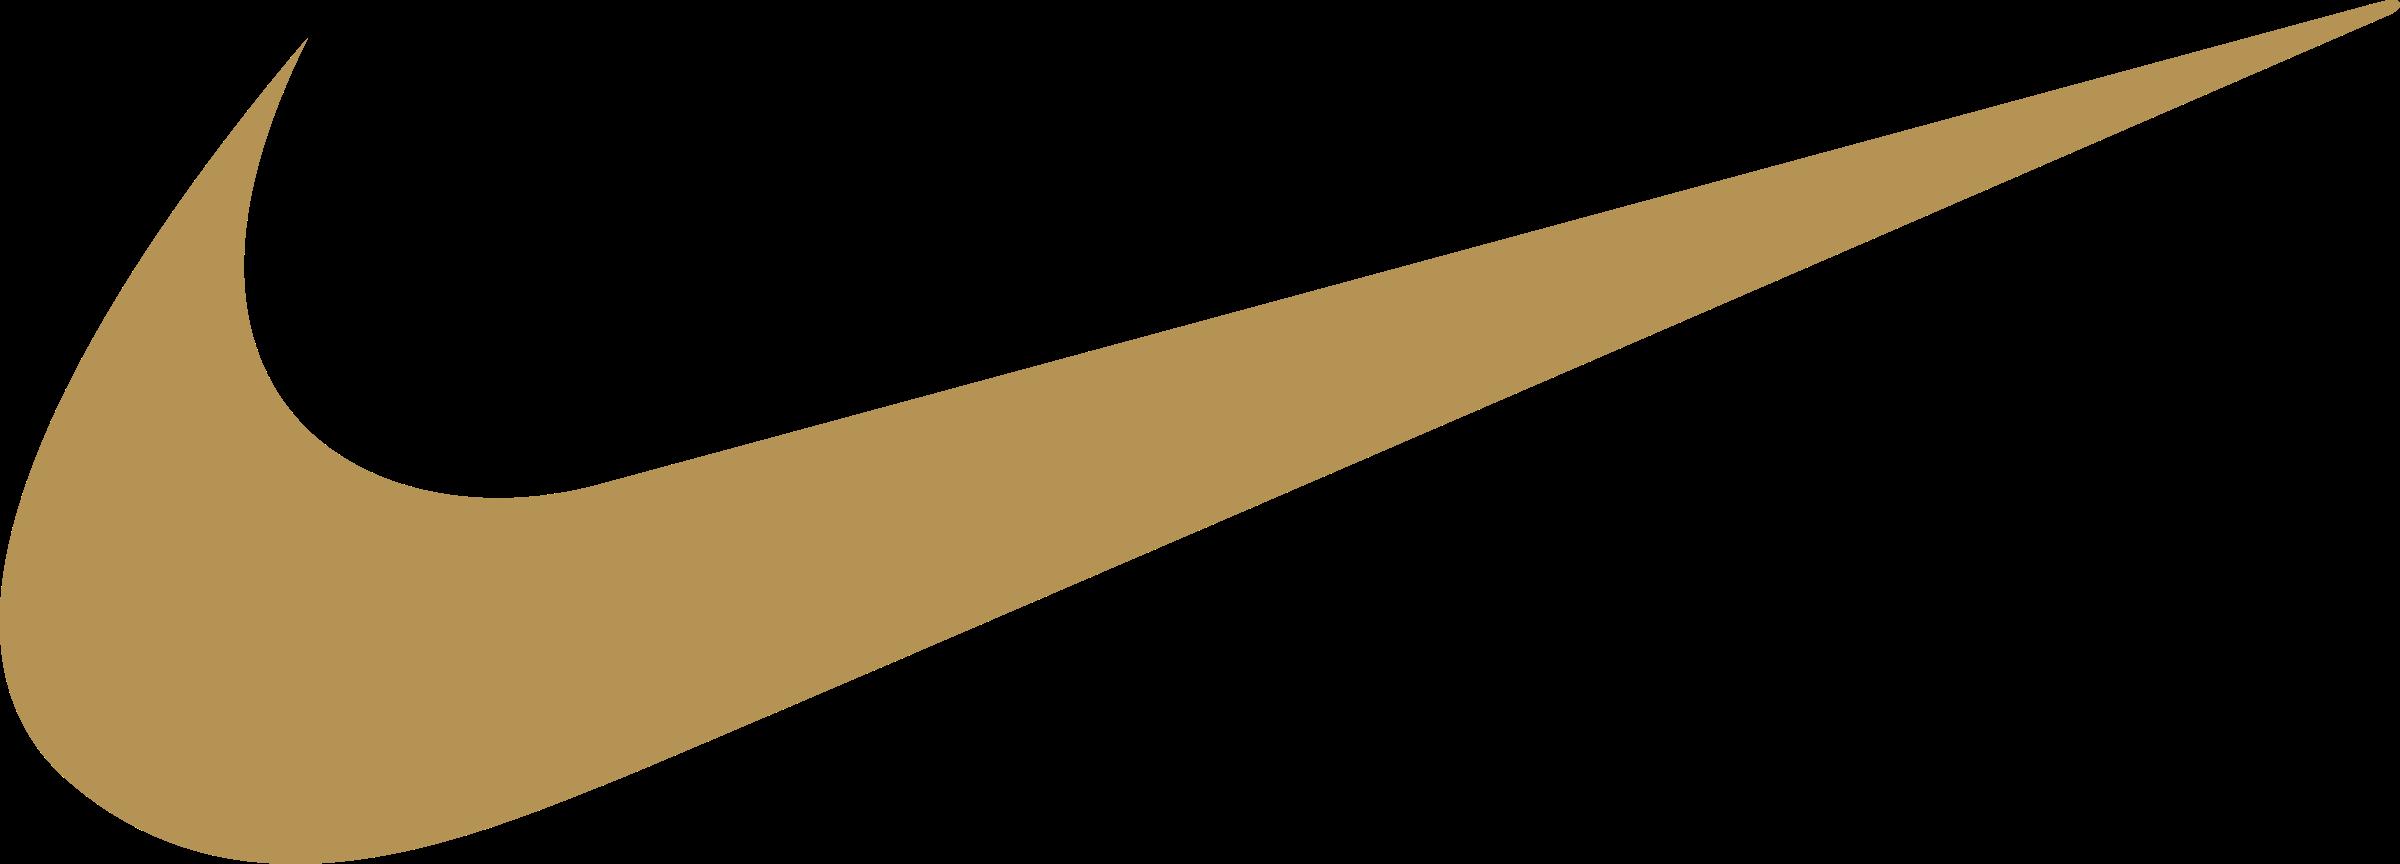 Gold Nike Logo PNG Transparent \u0026 SVG